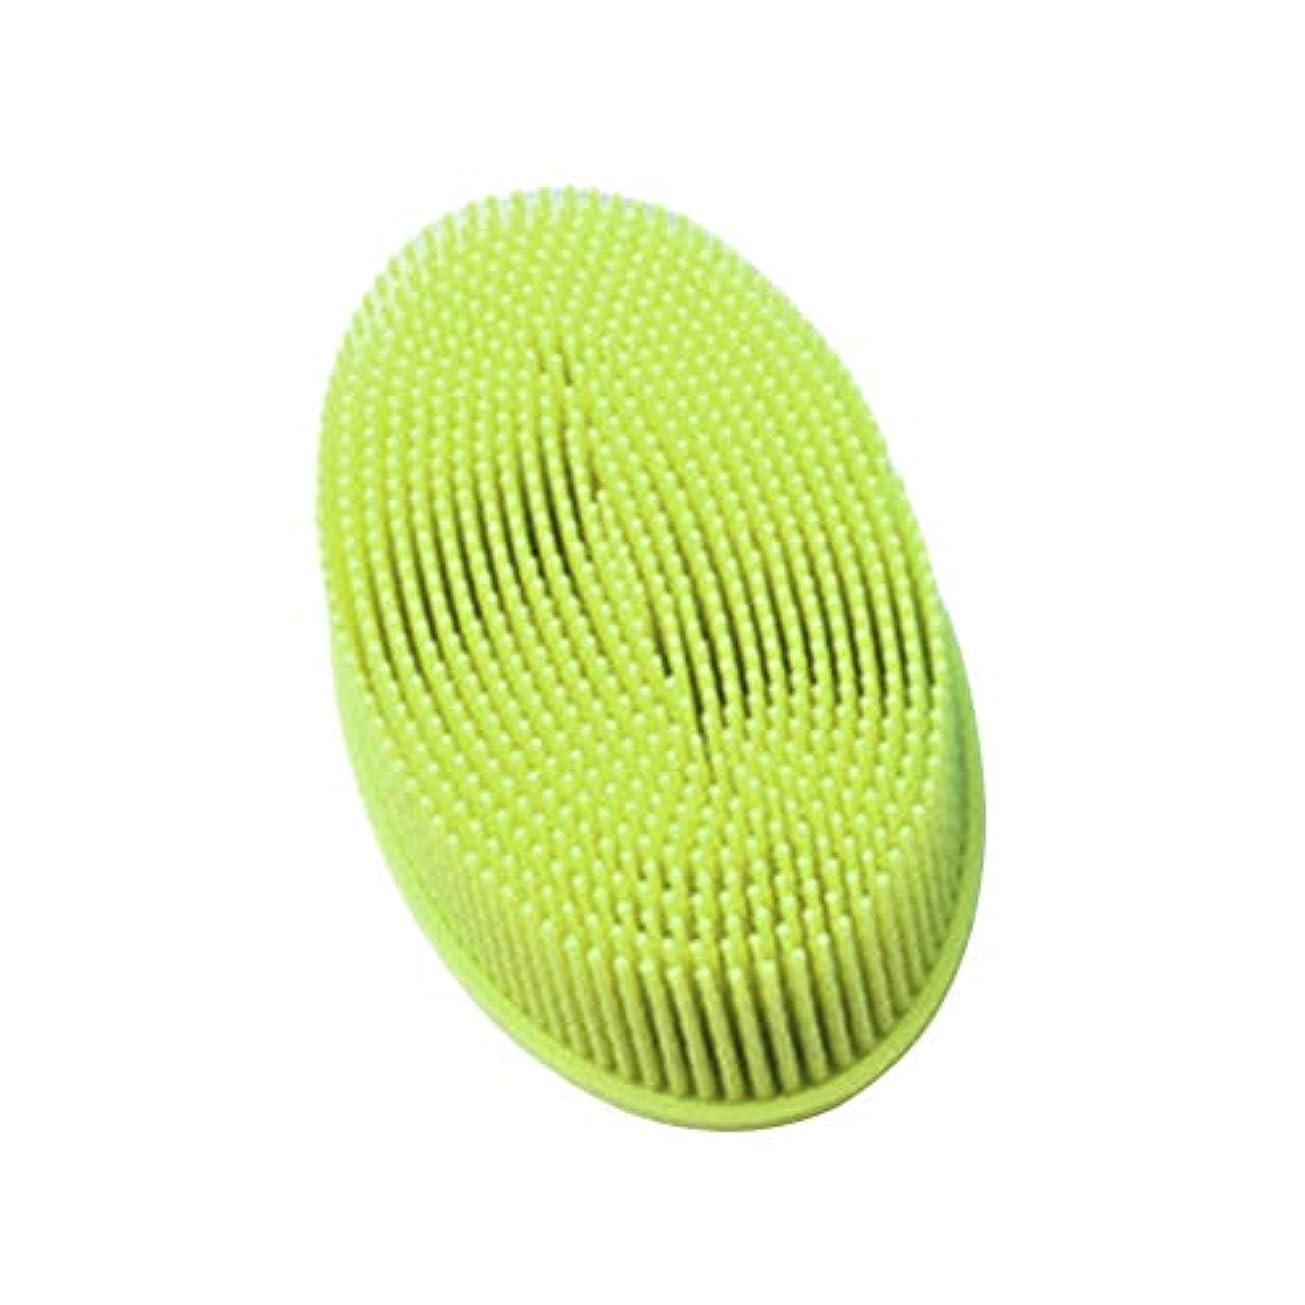 忍耐略奪人類TOPBATHY シリコンシャワーブラシ 頭皮 洗顔 ボディブラシ お風呂 柔らかい 体洗いブラシ 肌にやさしい 多機能 角質除去 疲れ解消(グリーン)